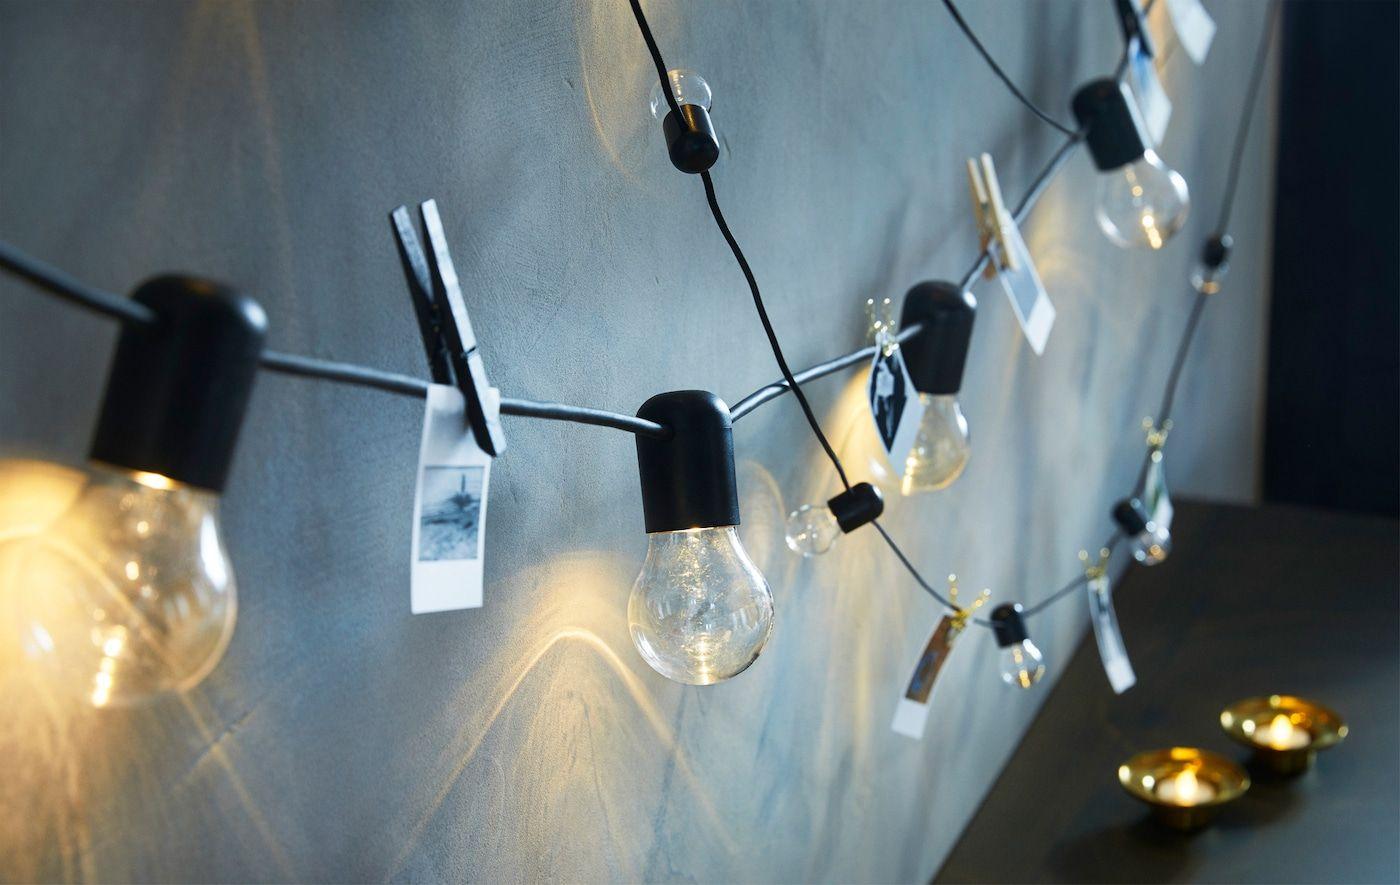 Nos Astuces Et Idees Deco Guirlande Lumineuse Ikea Guirlande Lumineuse Guirlande Lumineuse Exterieur